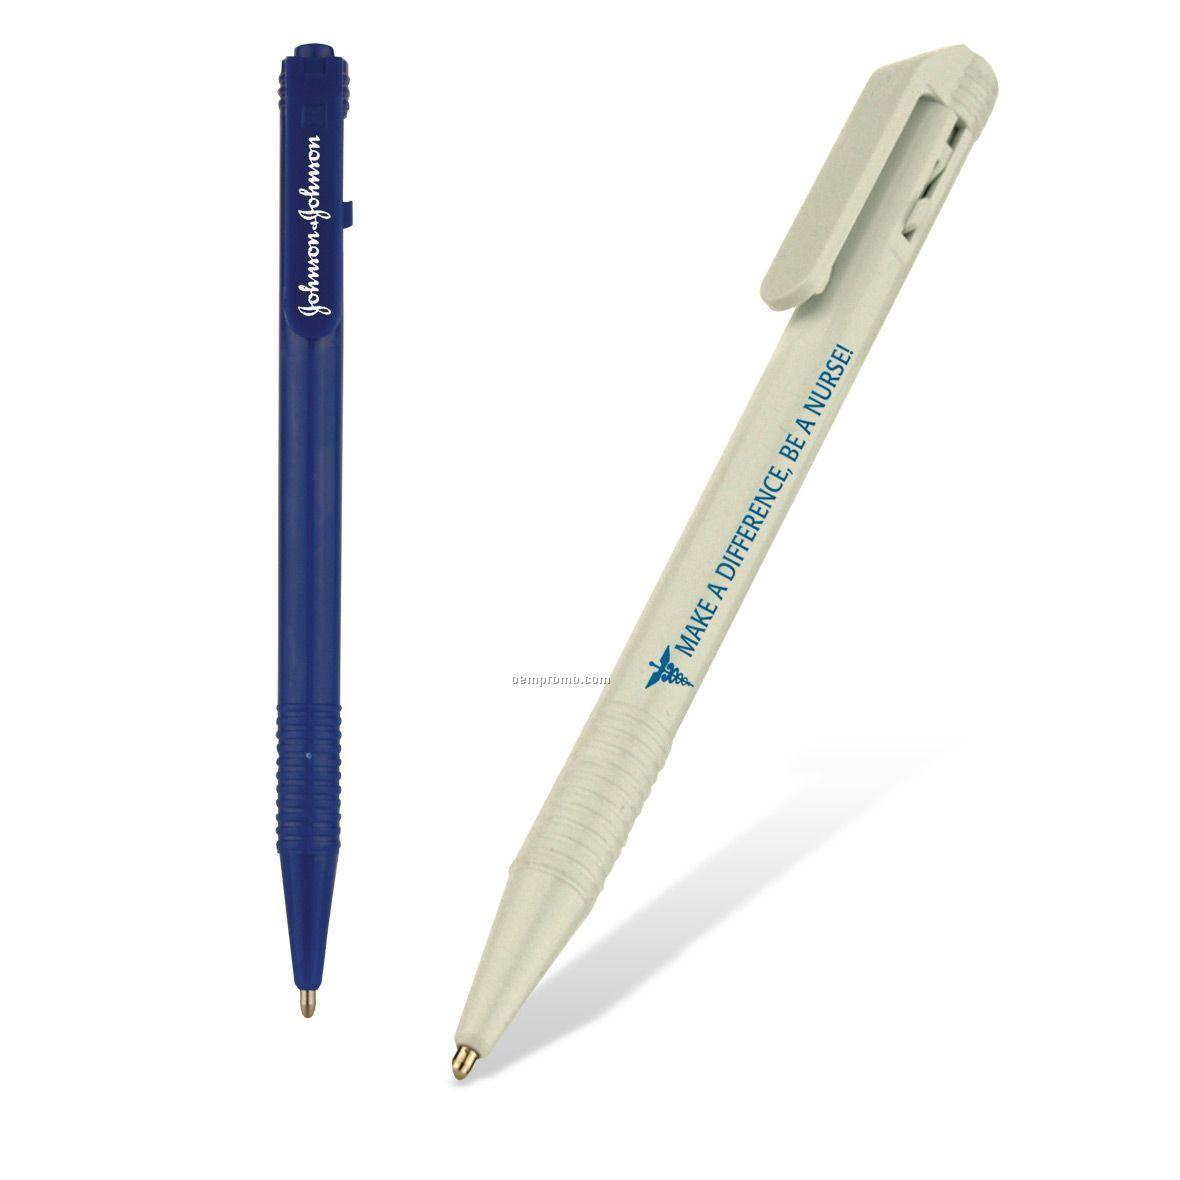 Antibacterial Pen